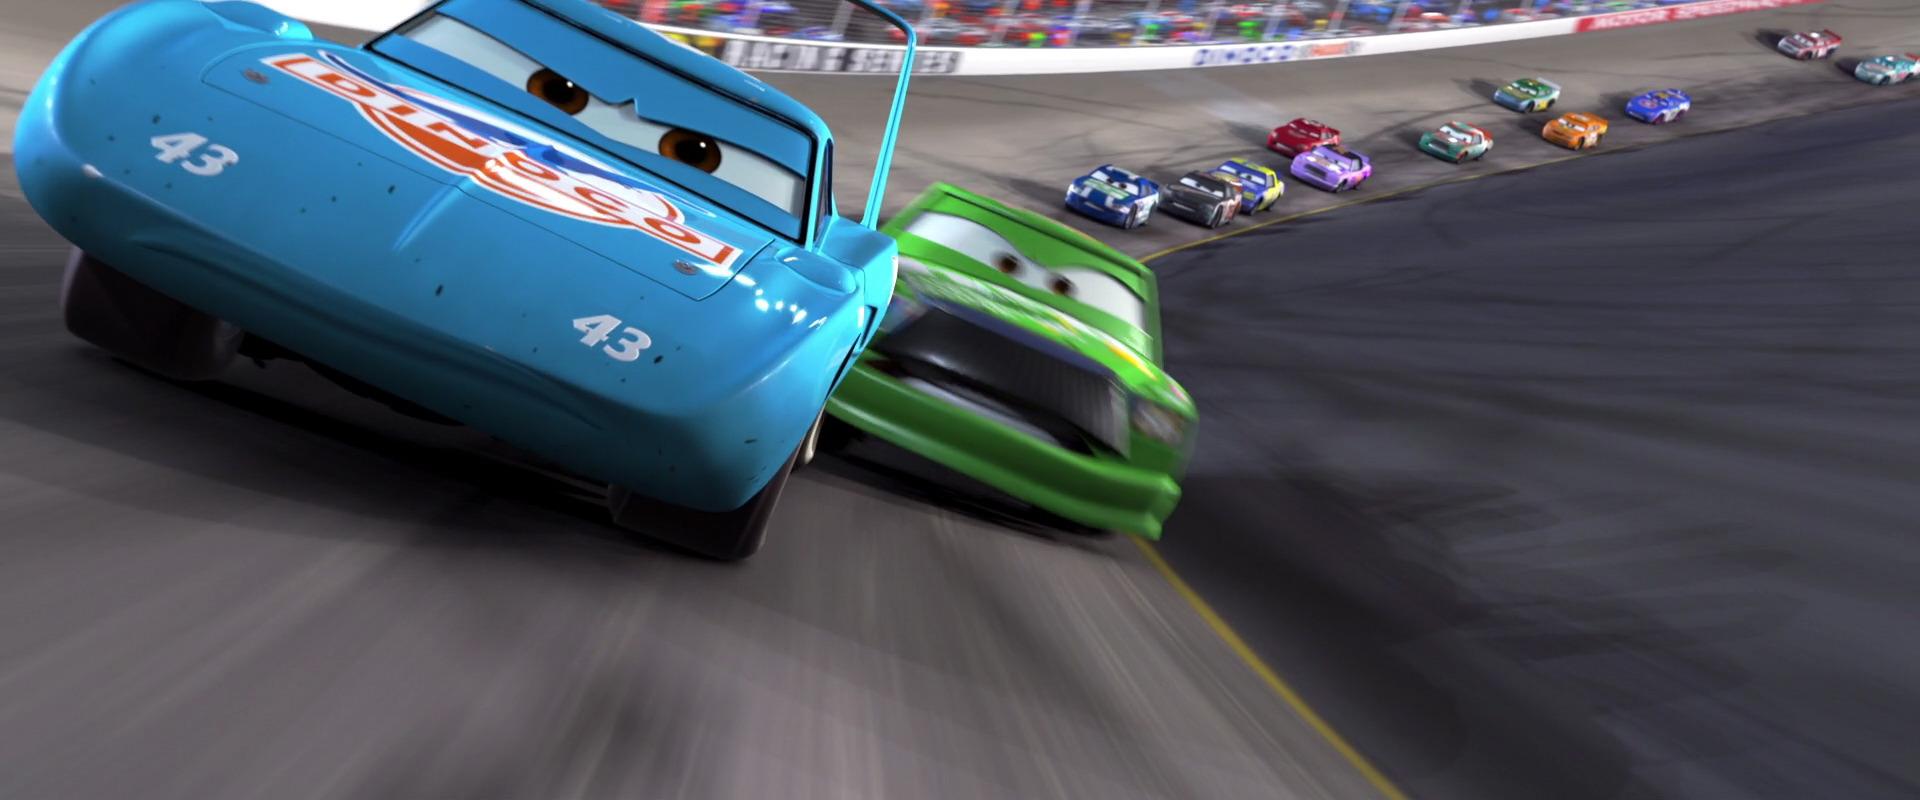 Image Theking4 Jpg Pixar Wiki Fandom Powered By Wikia